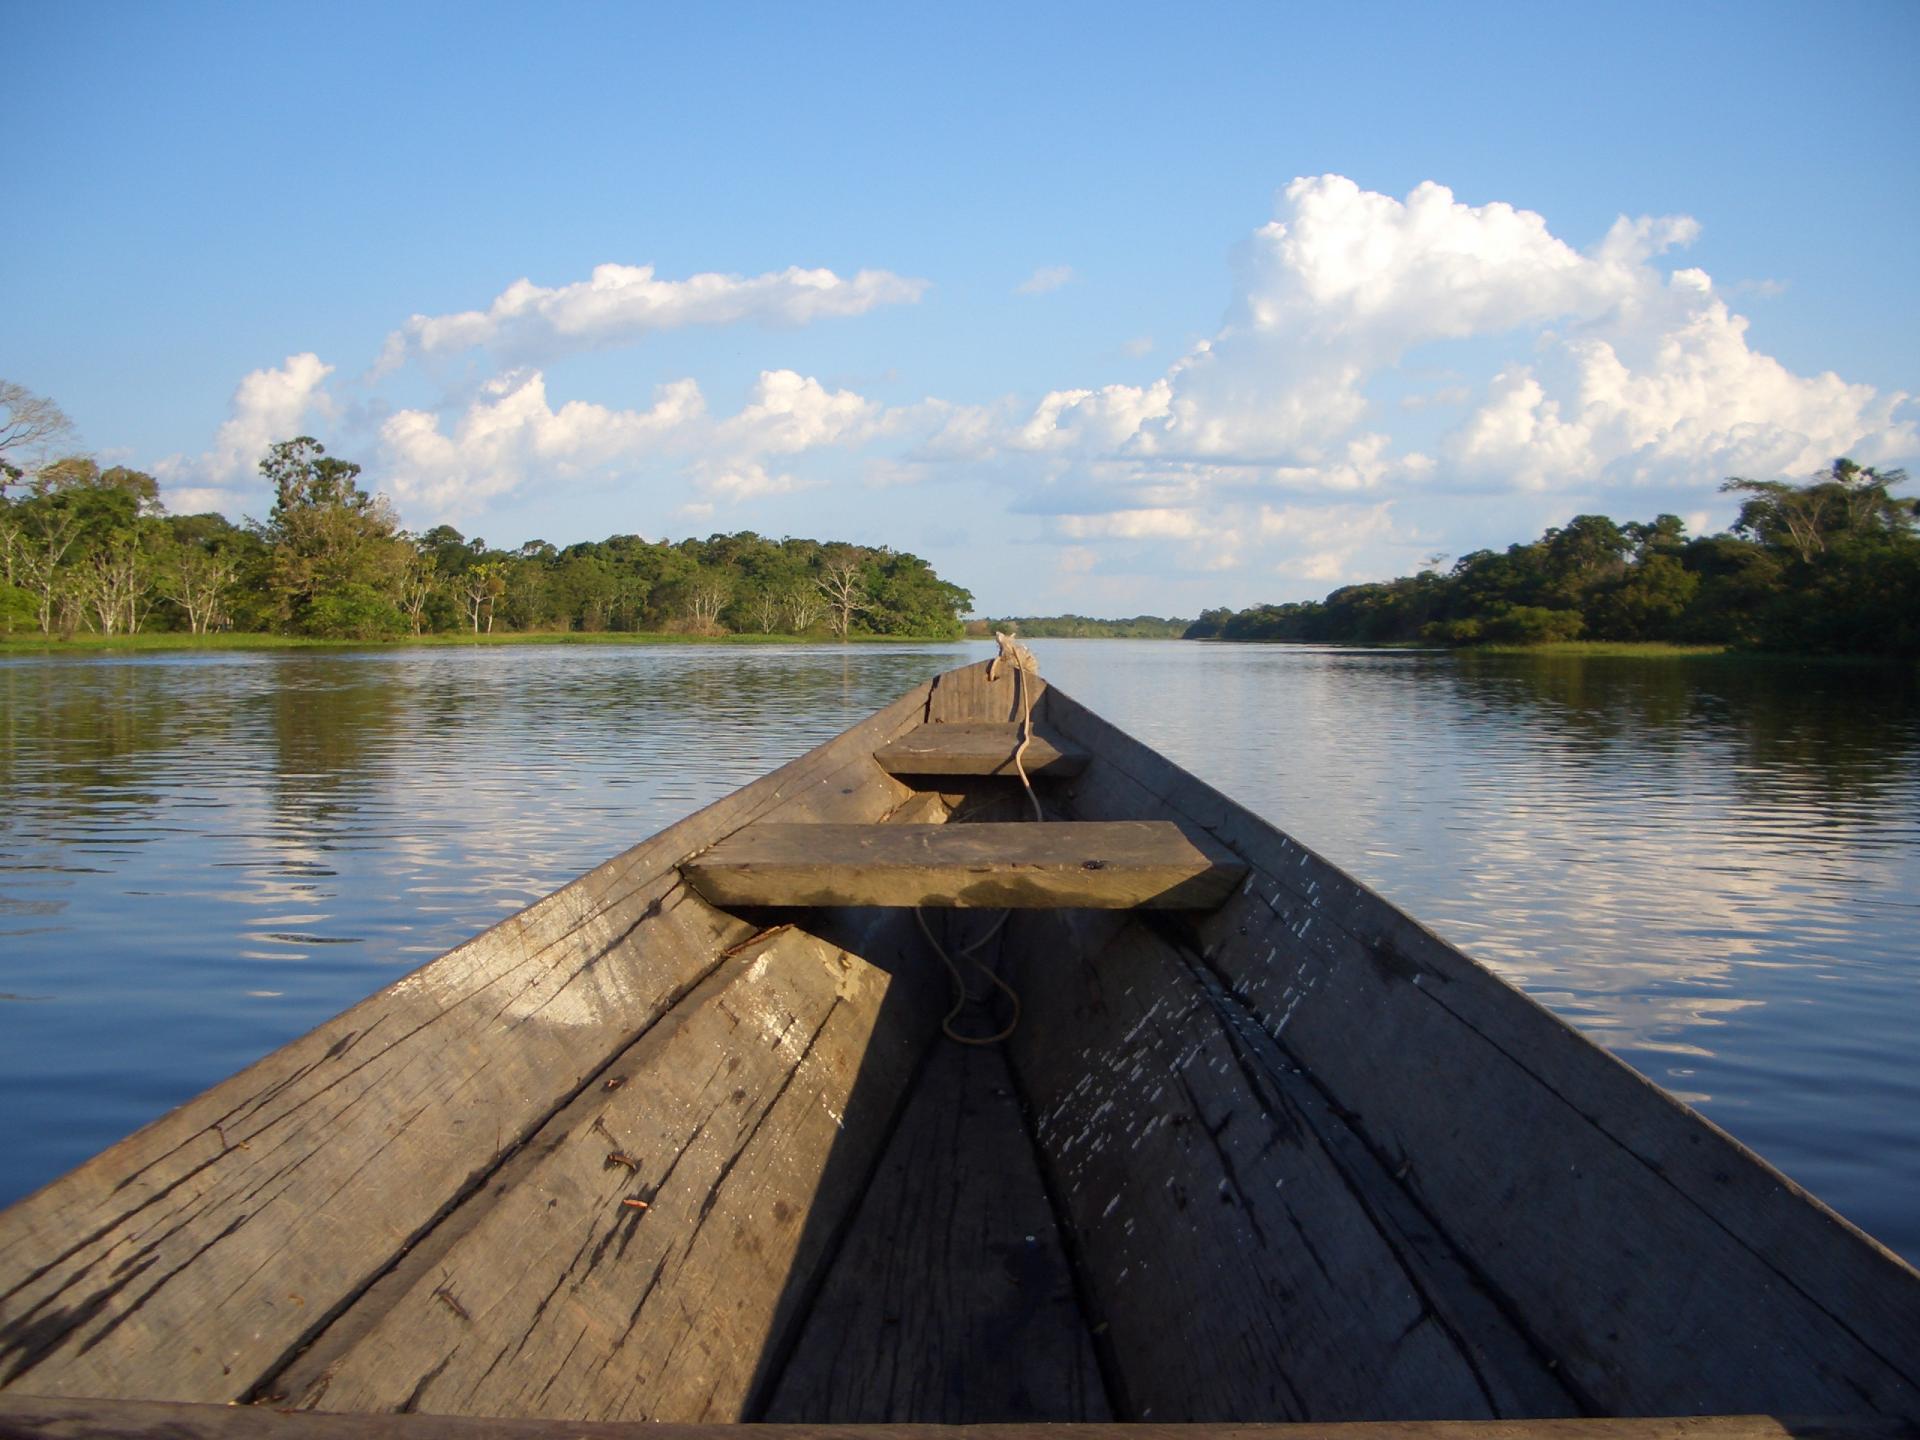 Reisen Sie in das Amazonasgebiet bei Manaus und erleben Sie Natur pur in Brasilien